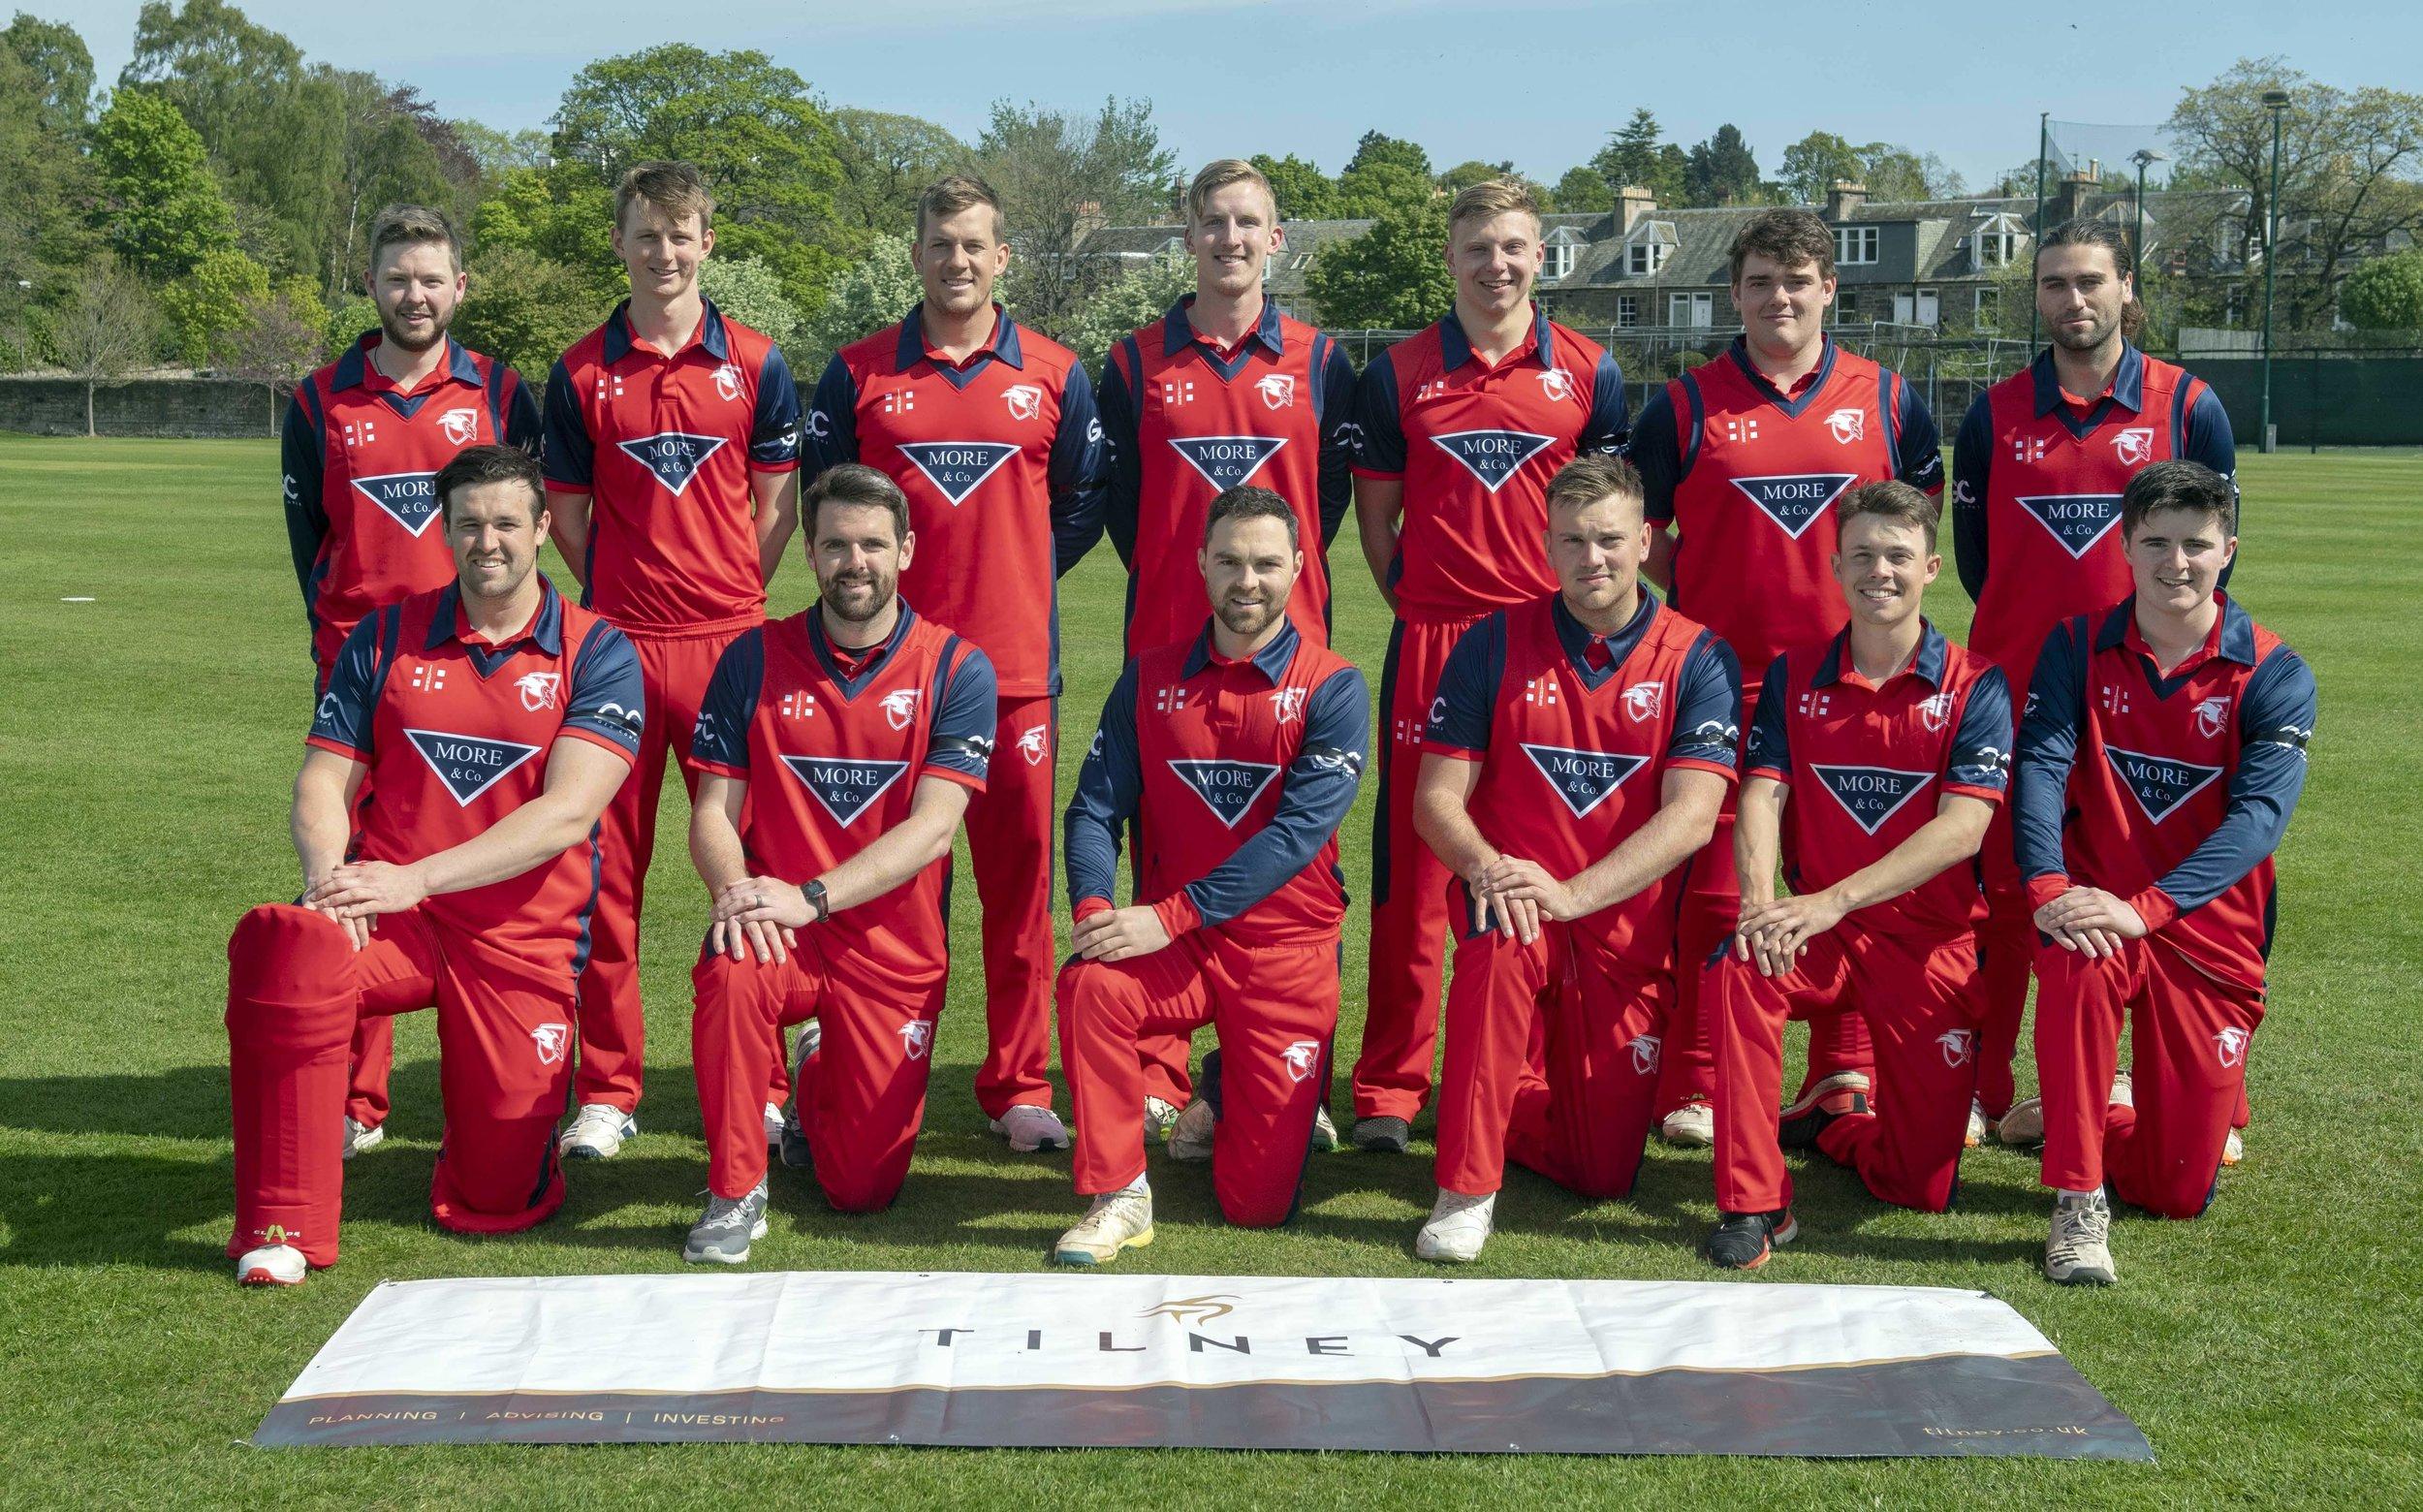 Tilney-Regional-Series-men-1st-match_DM4tilnmen.jpg